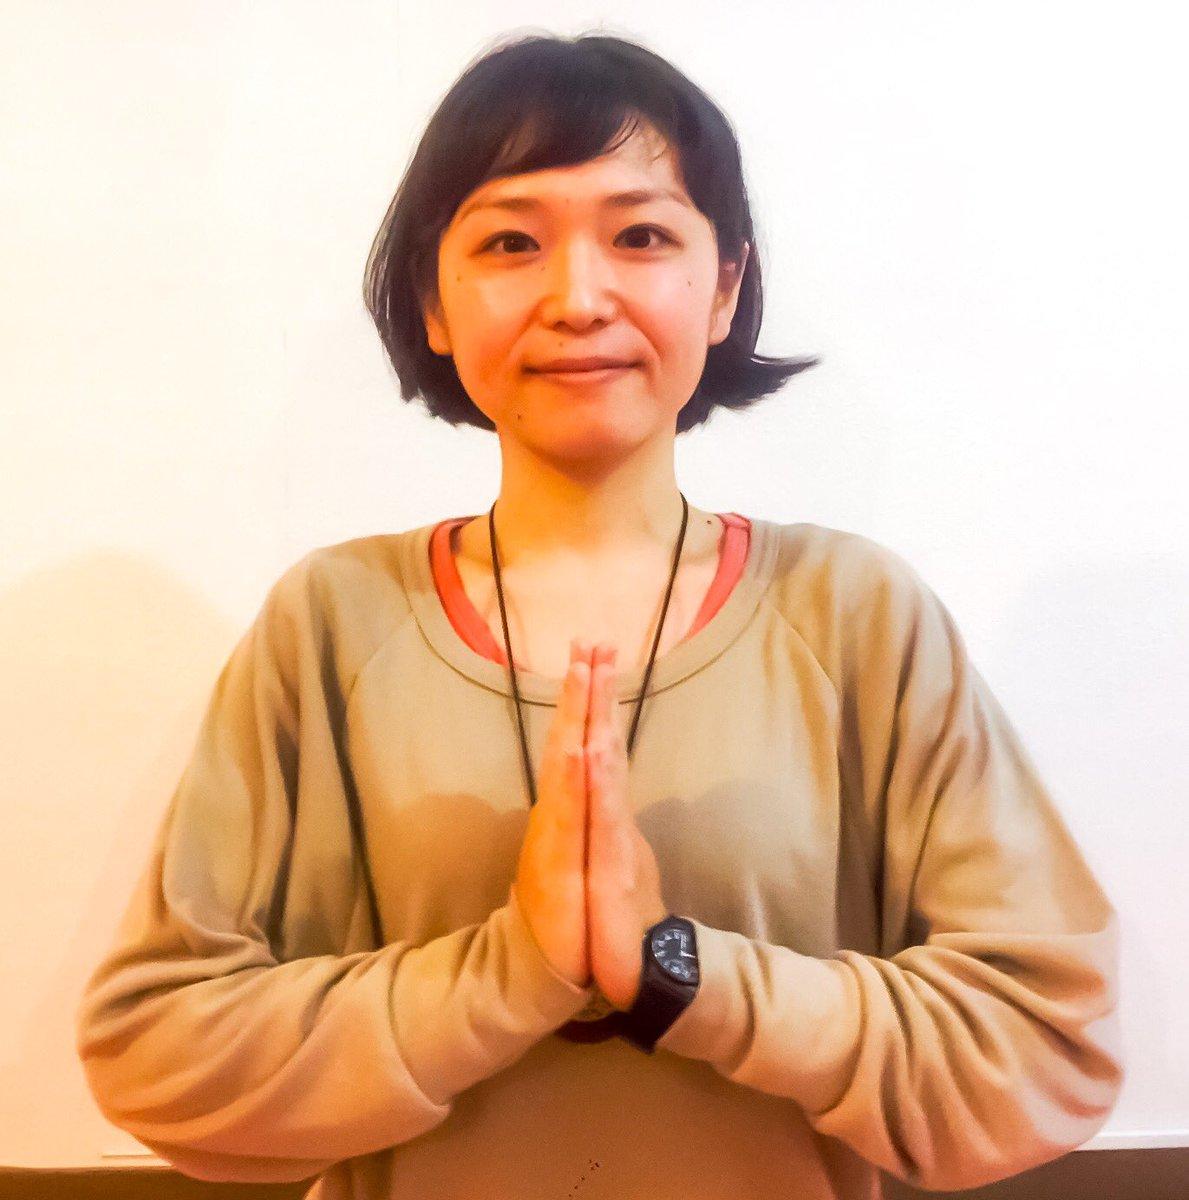 SachiYoga